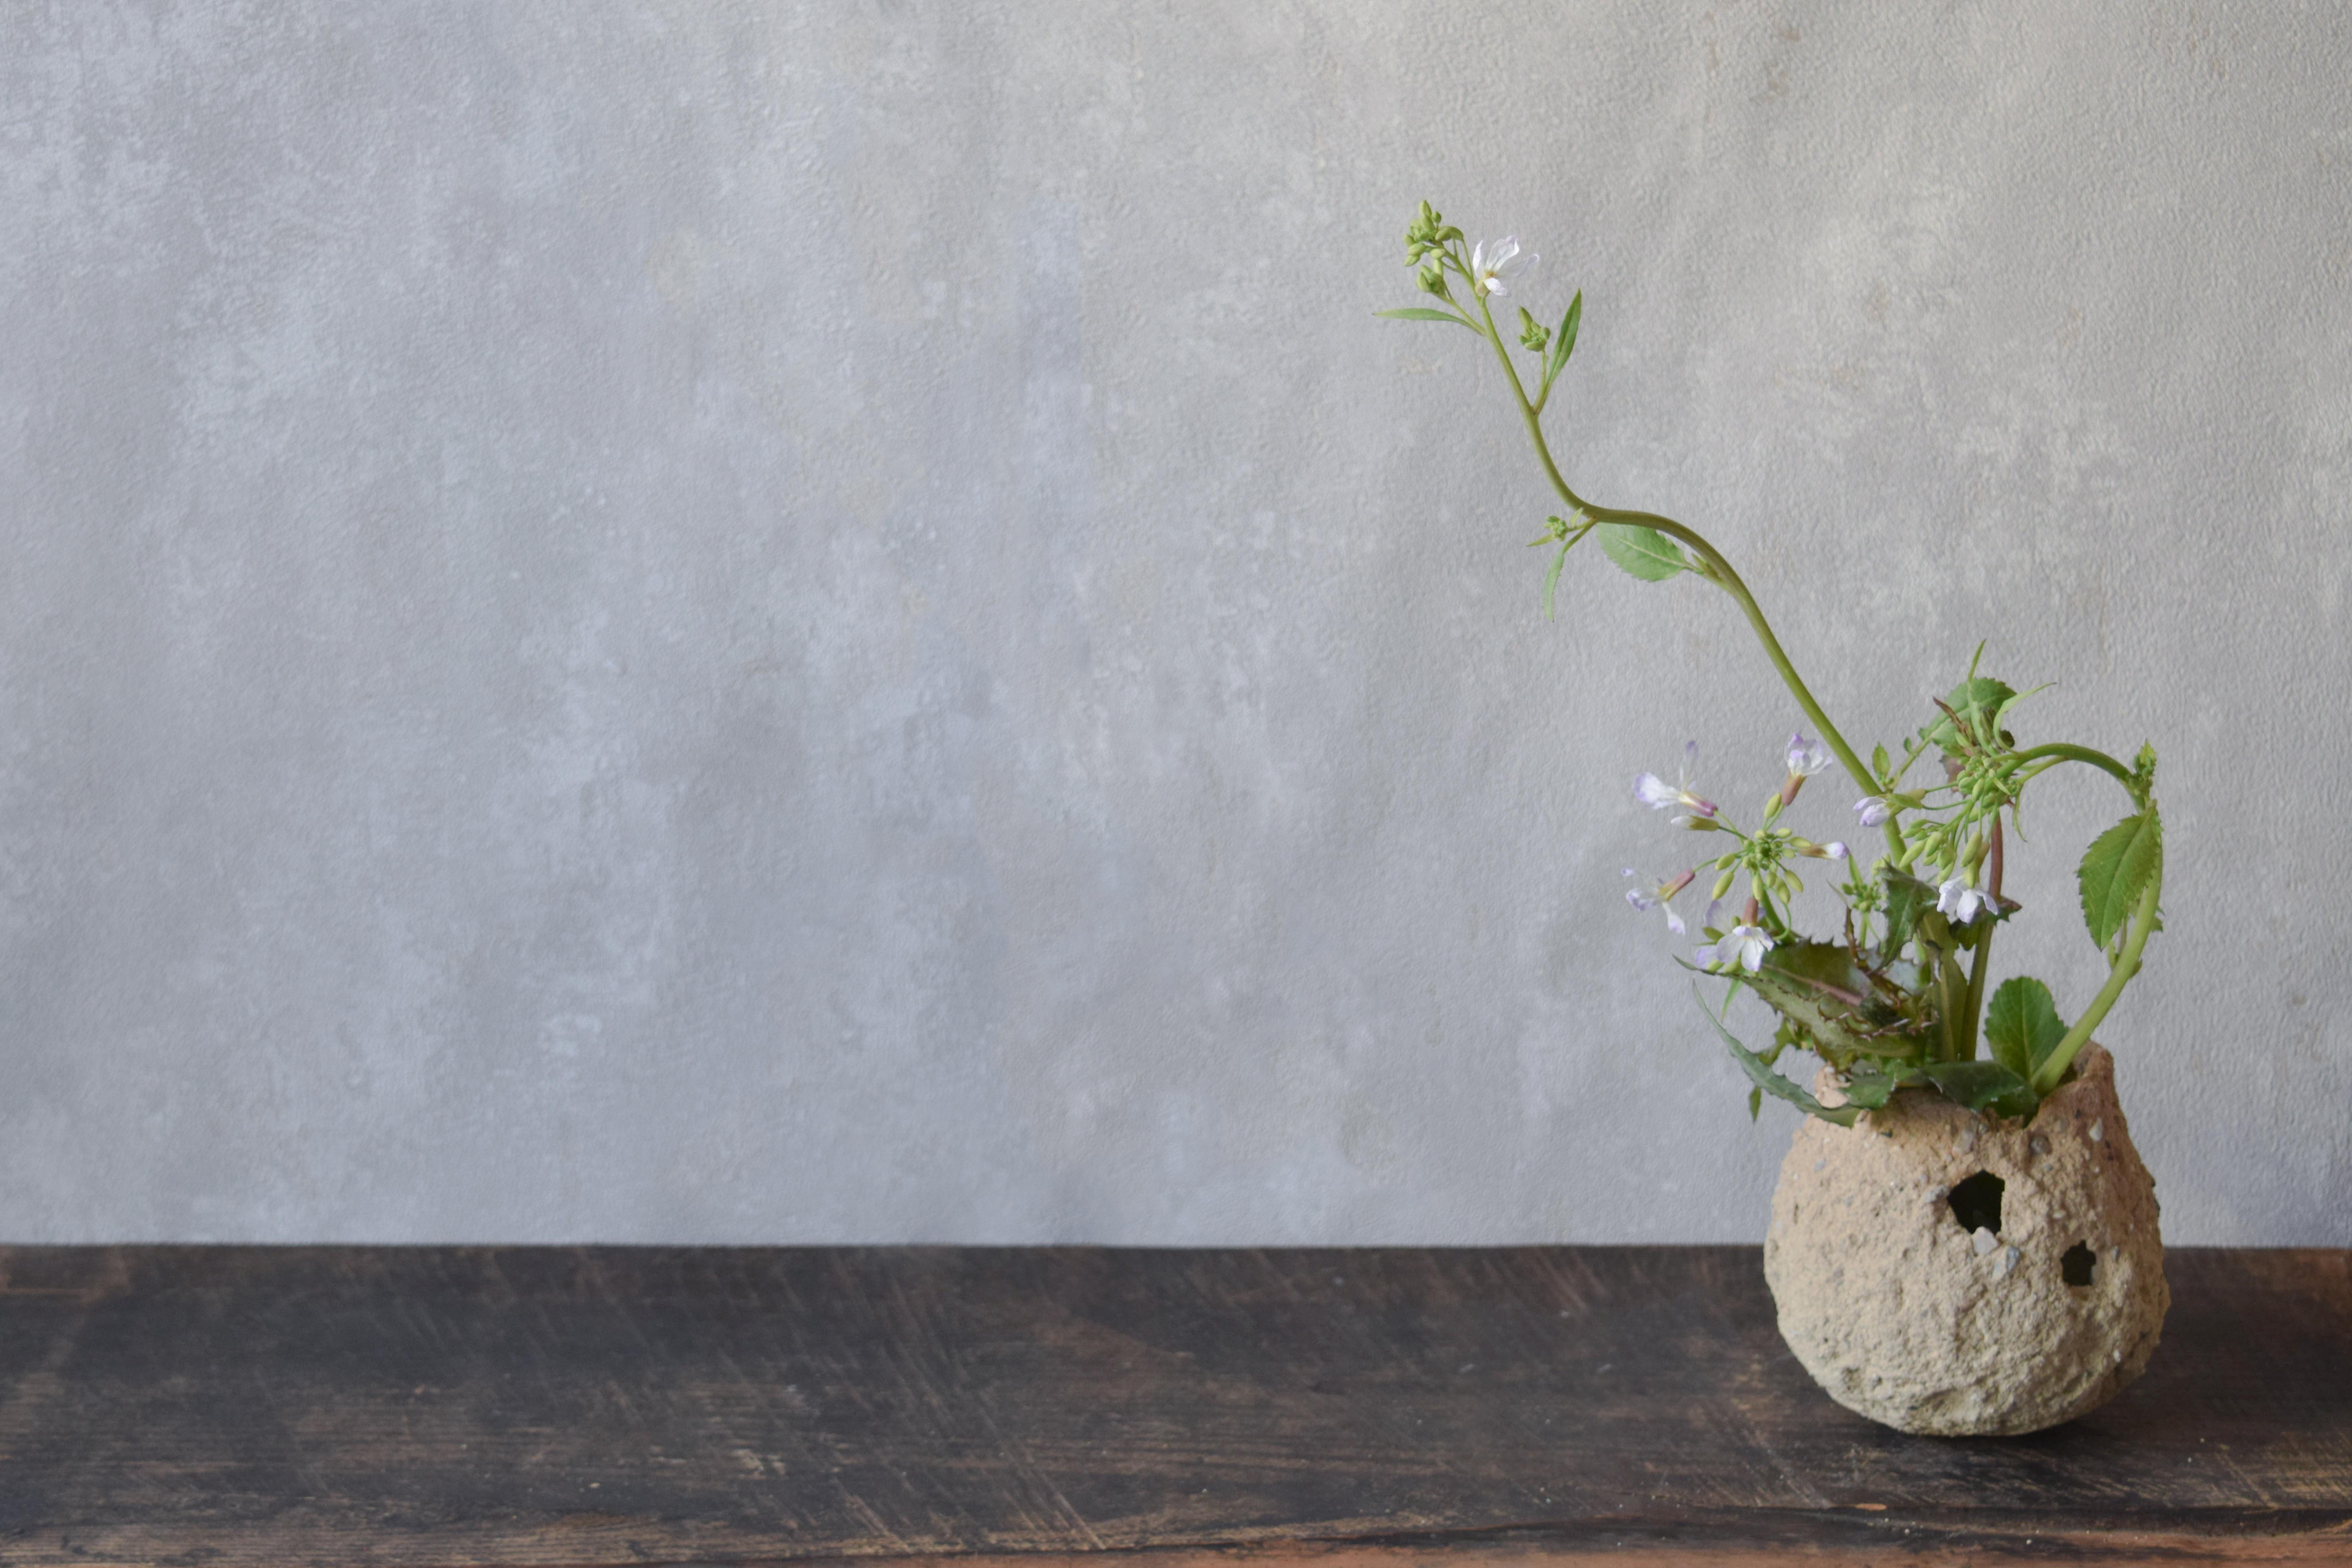 烏山結貴、ca-koのウェブサイトです。四季折々の道草。心にとまった身近な草花を、小さな発見を楽しみながら出会った器に合わせています。抛入花の写真です。大根の花を入れました。